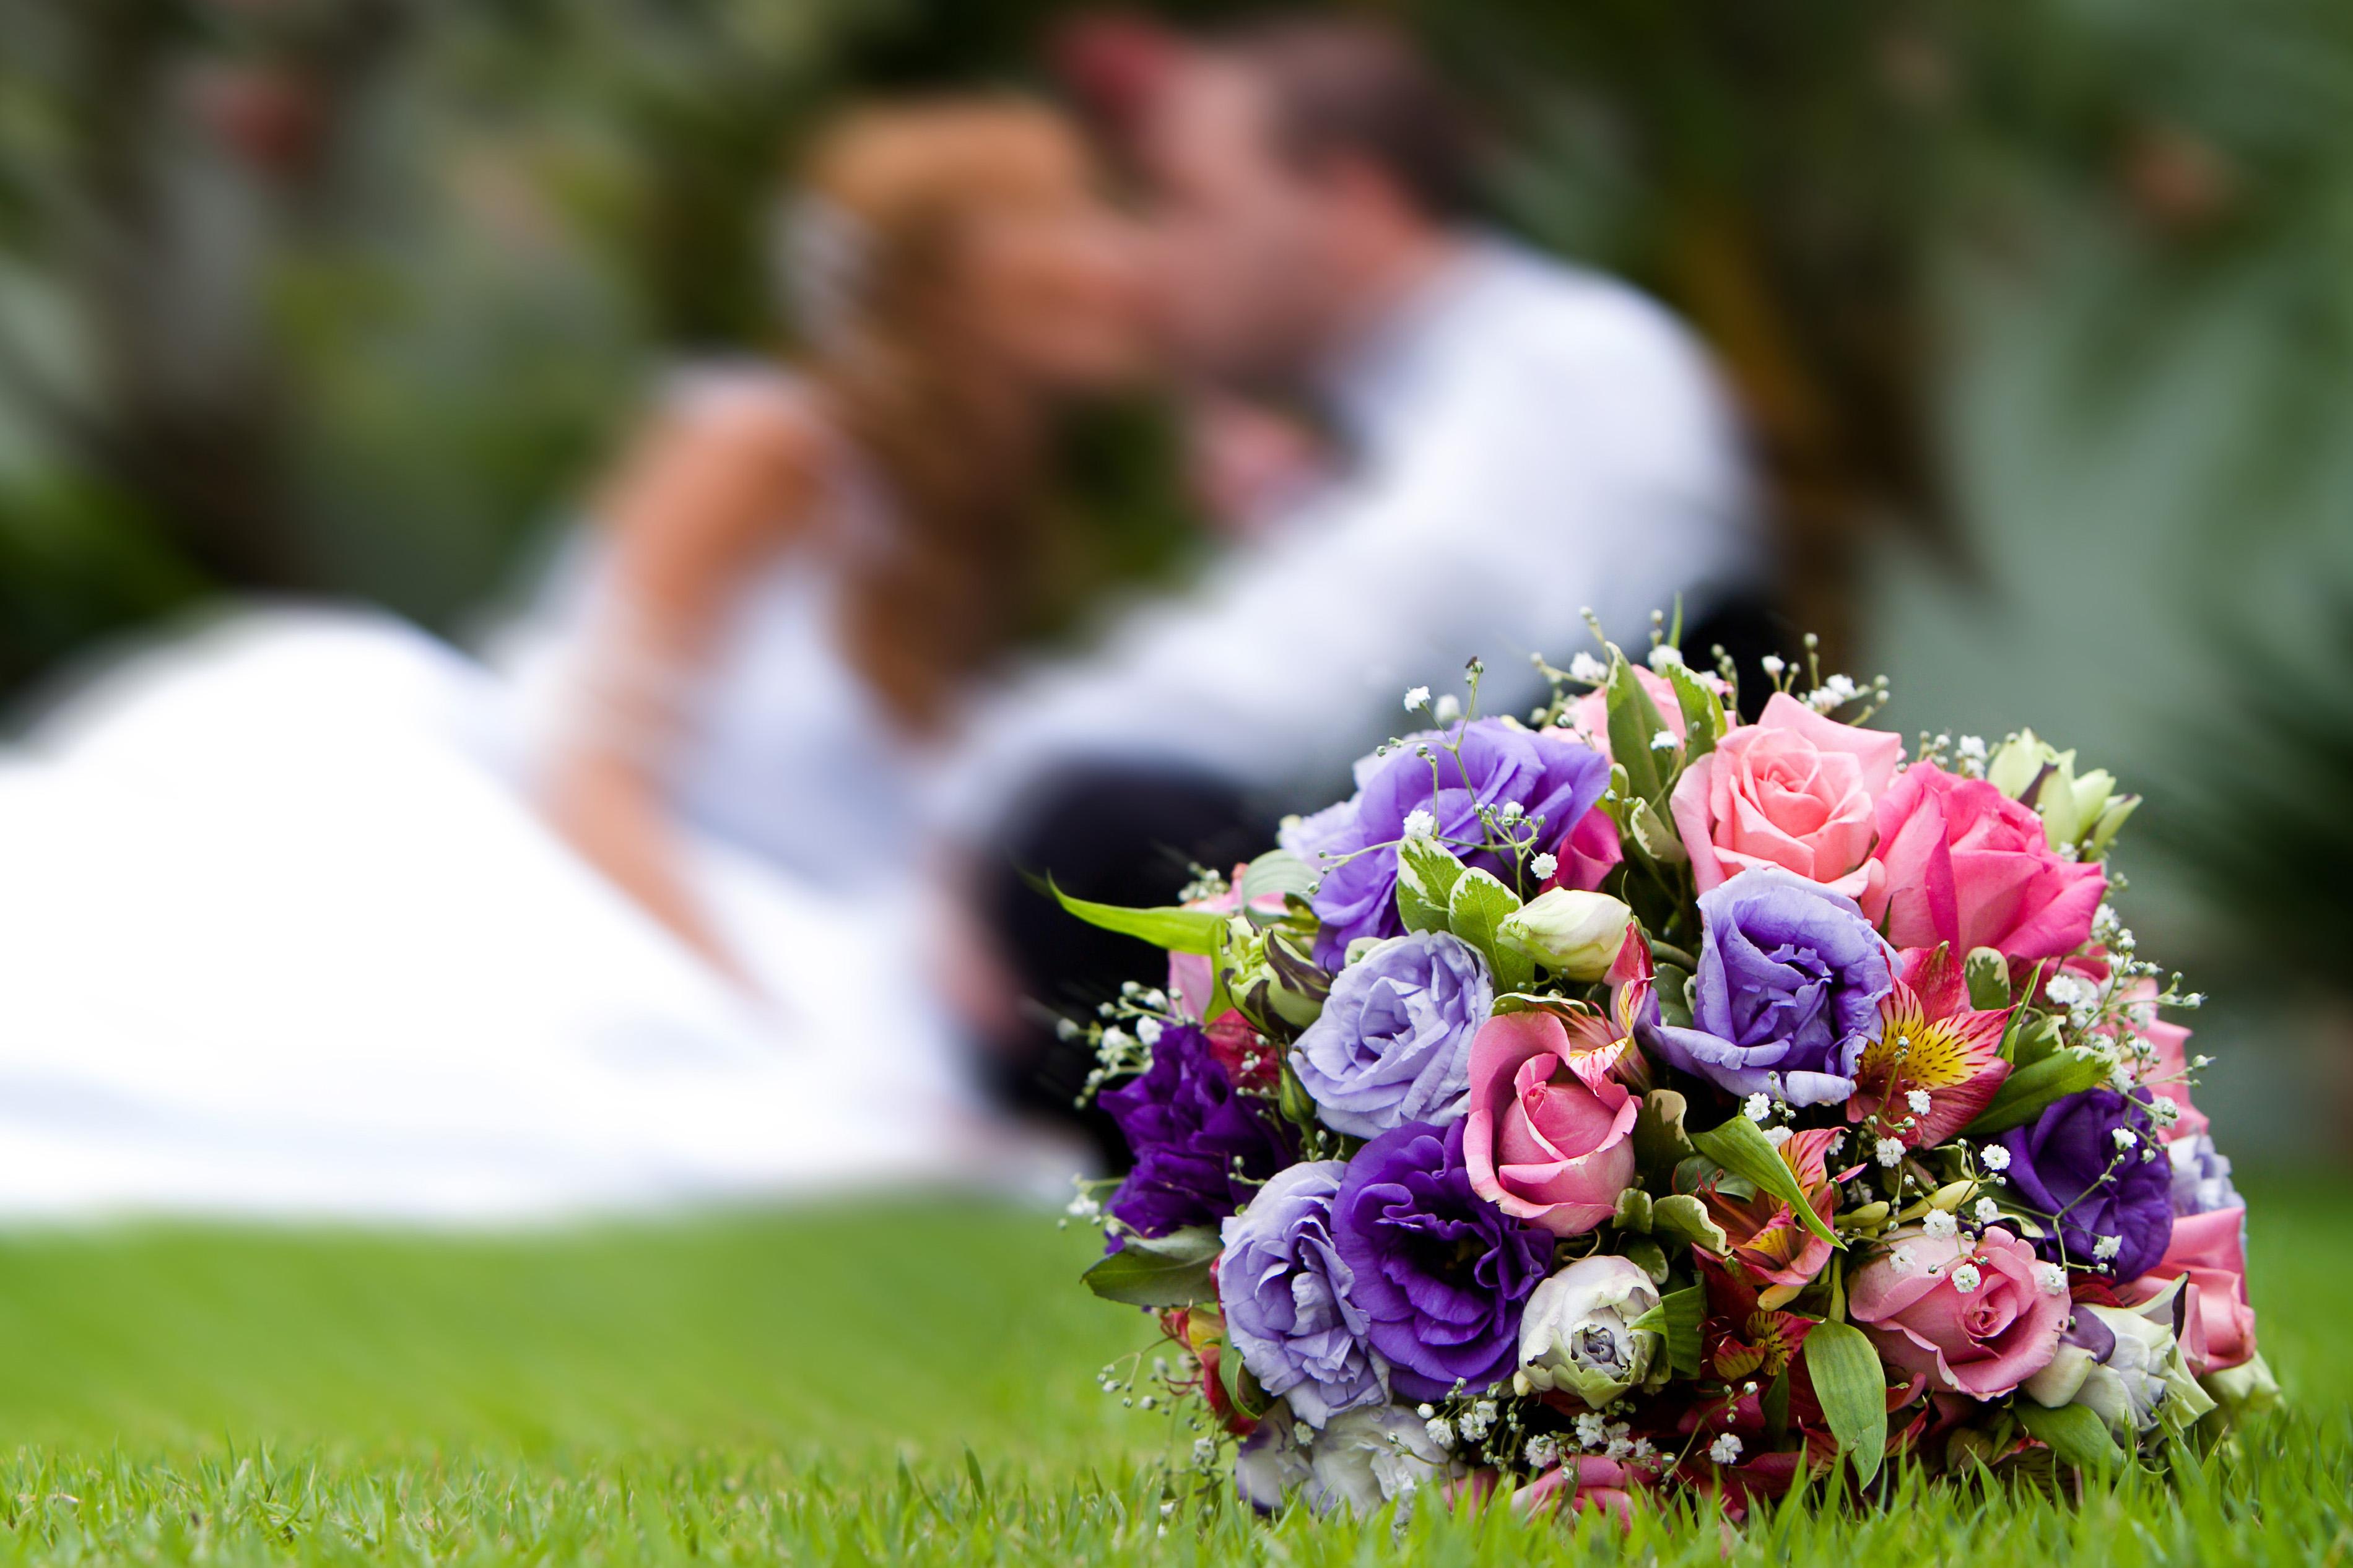 фото цветы с днем свадьбы идеально подходит для